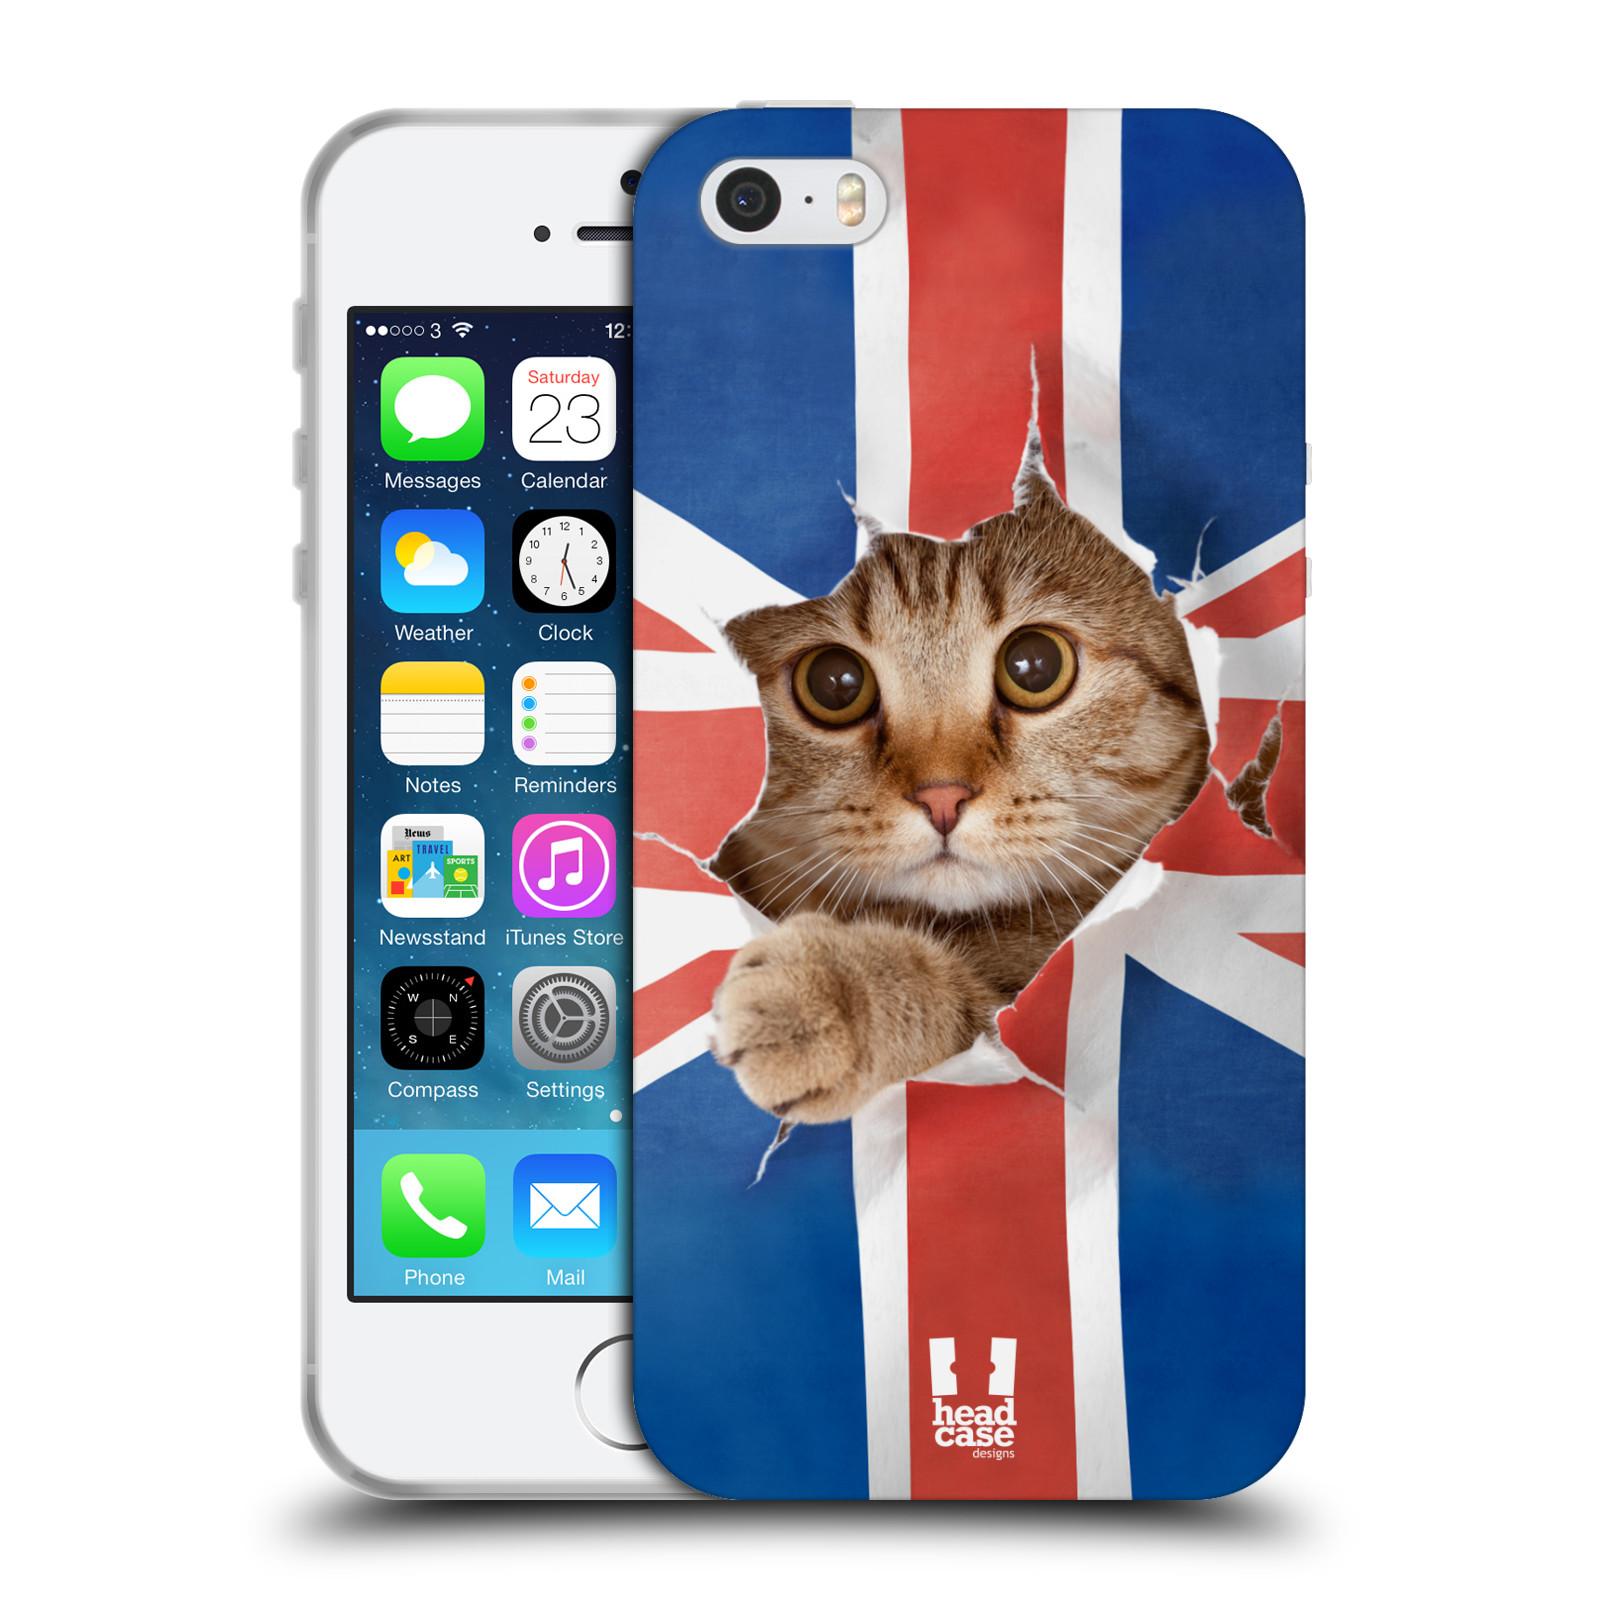 HEAD CASE silikonový obal na mobil Apple Iphone 5/5S vzor Legrační zvířátka kočička a Velká Británie vlajka